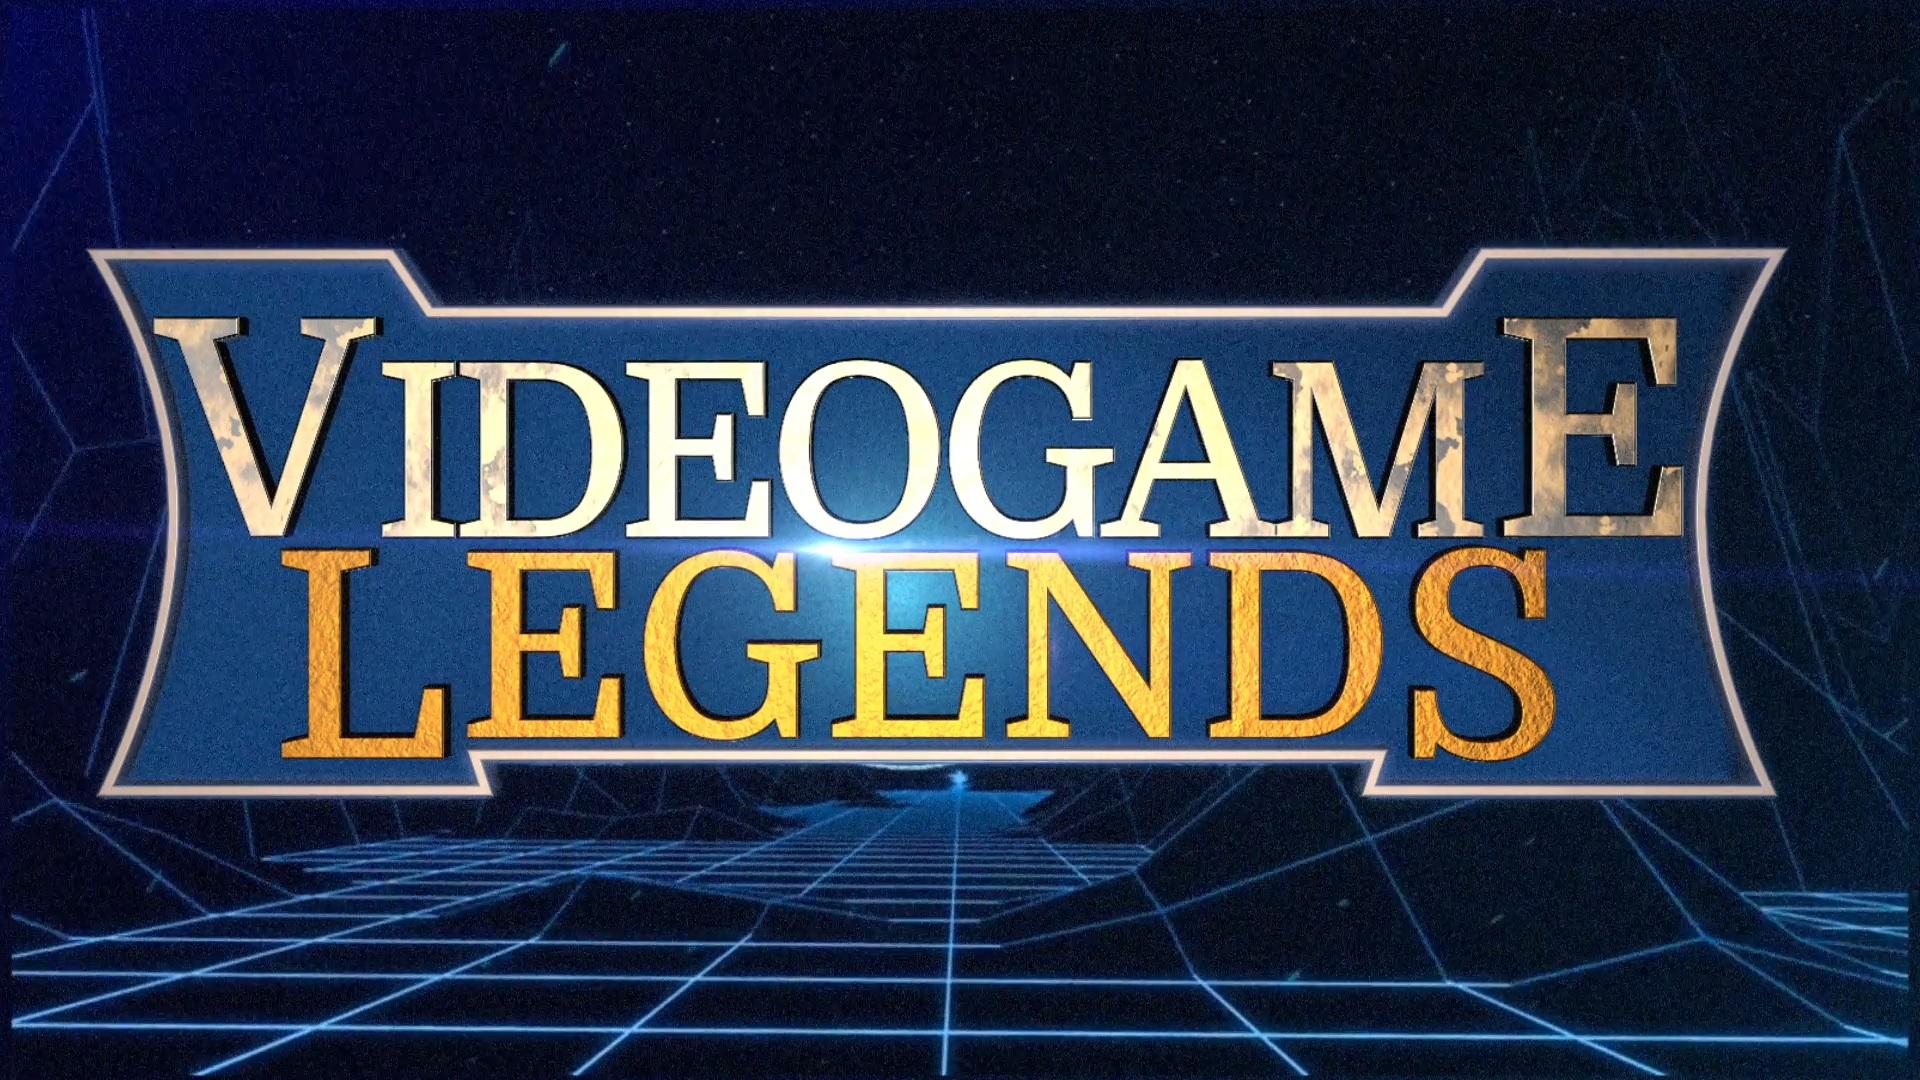 Videogame Legends